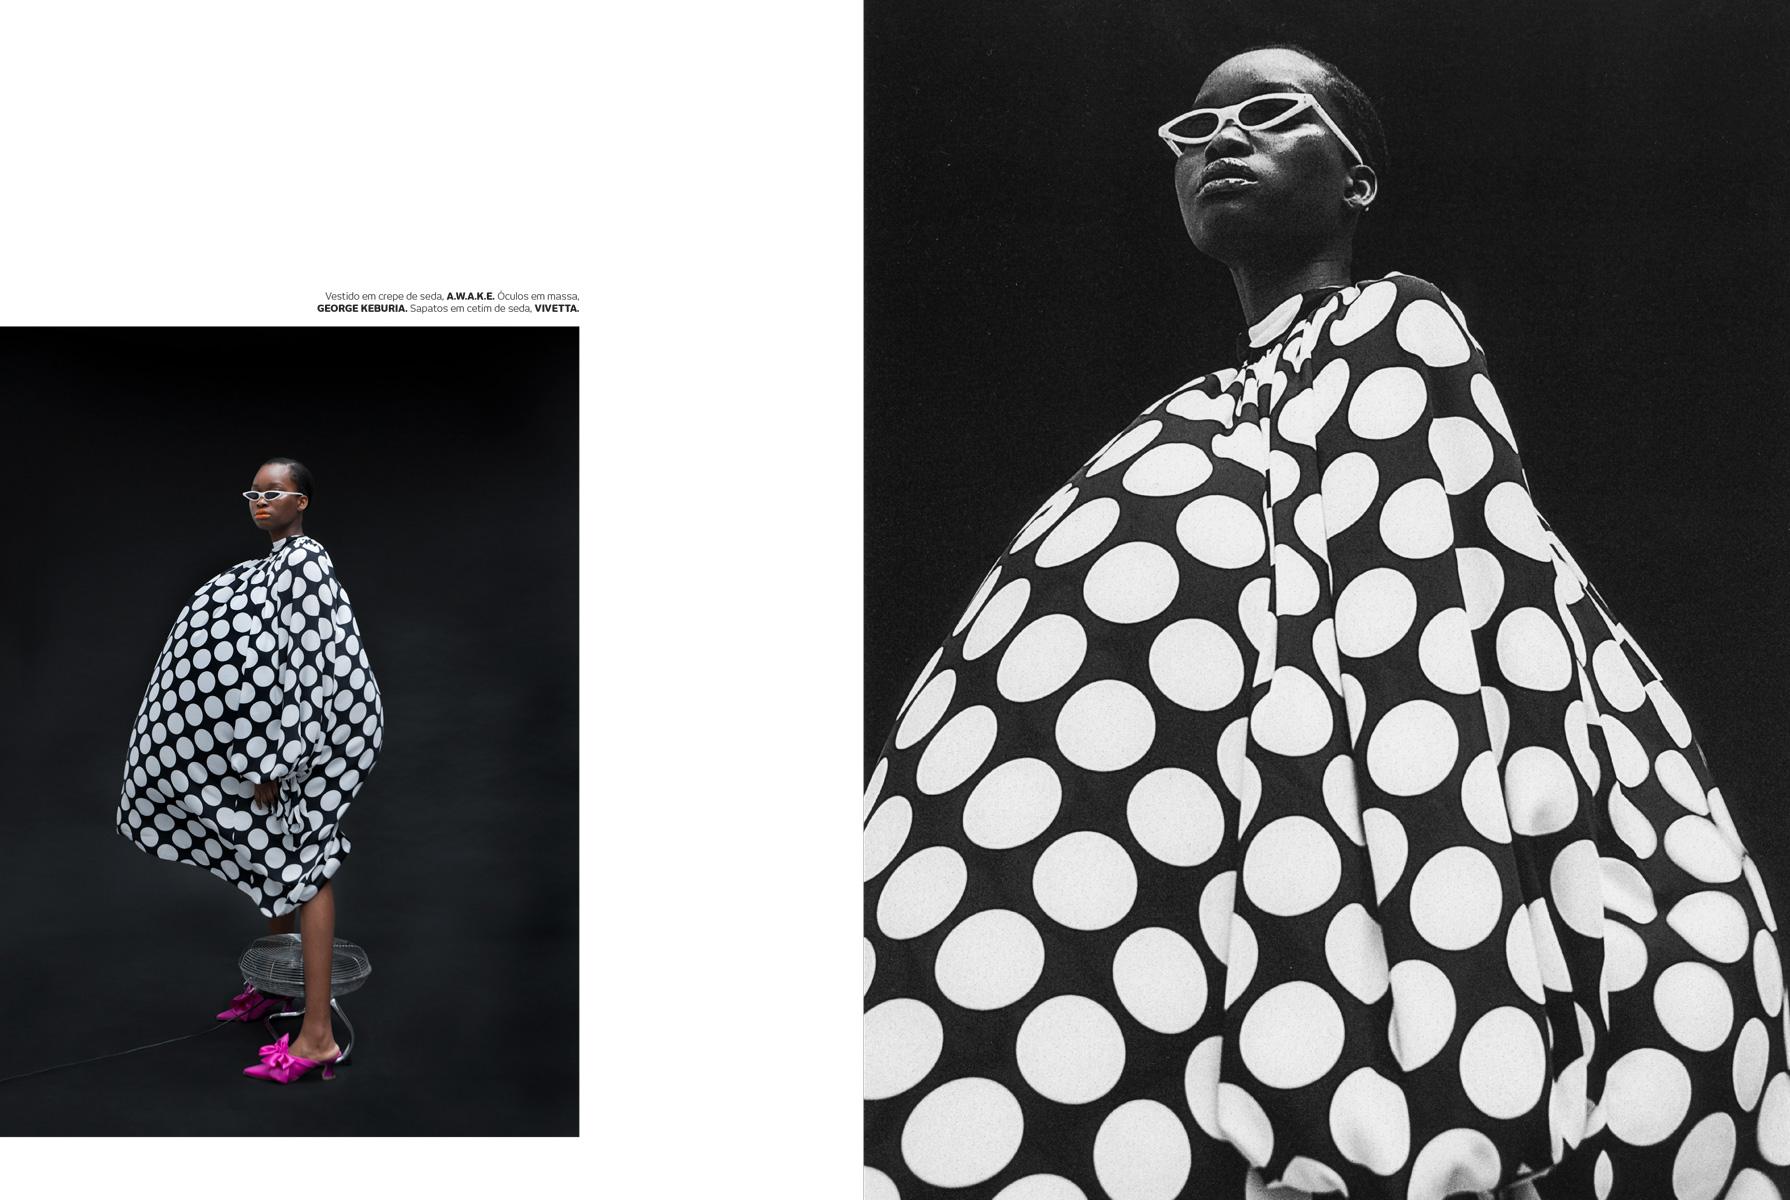 Vogue-Portugal-SIMON-WINKELMULLER_YANNICK-SCHUETTE-4web